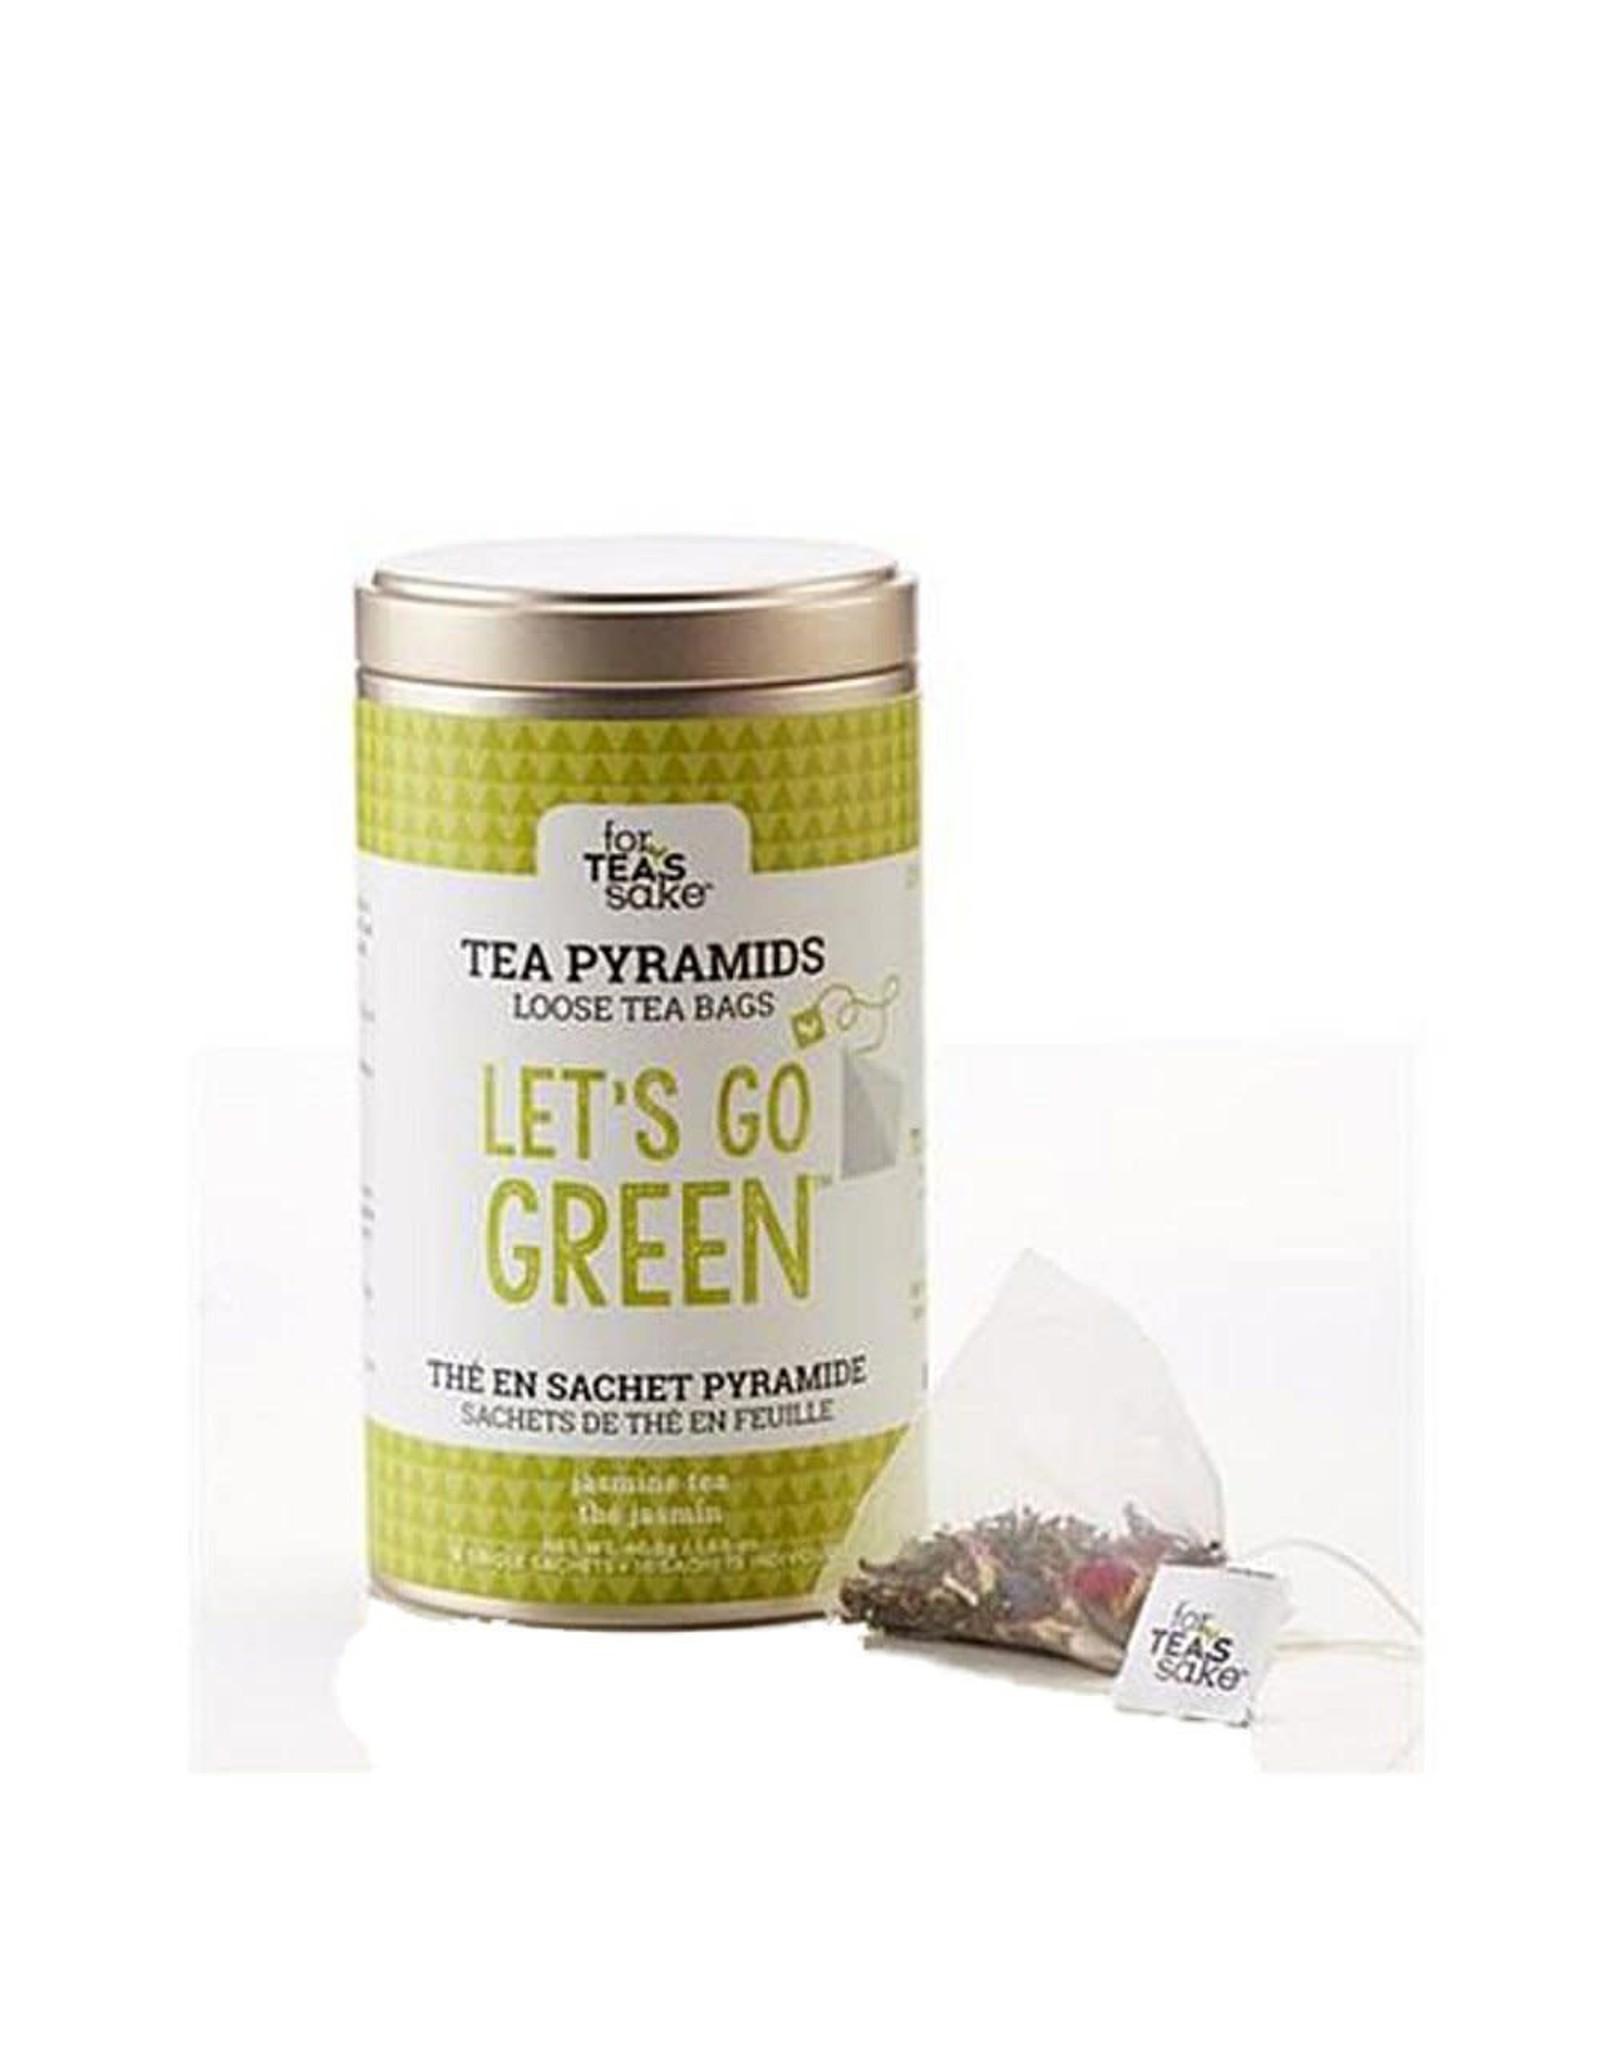 For Tea's Sake Tea Pyramids Loose Tea Bags